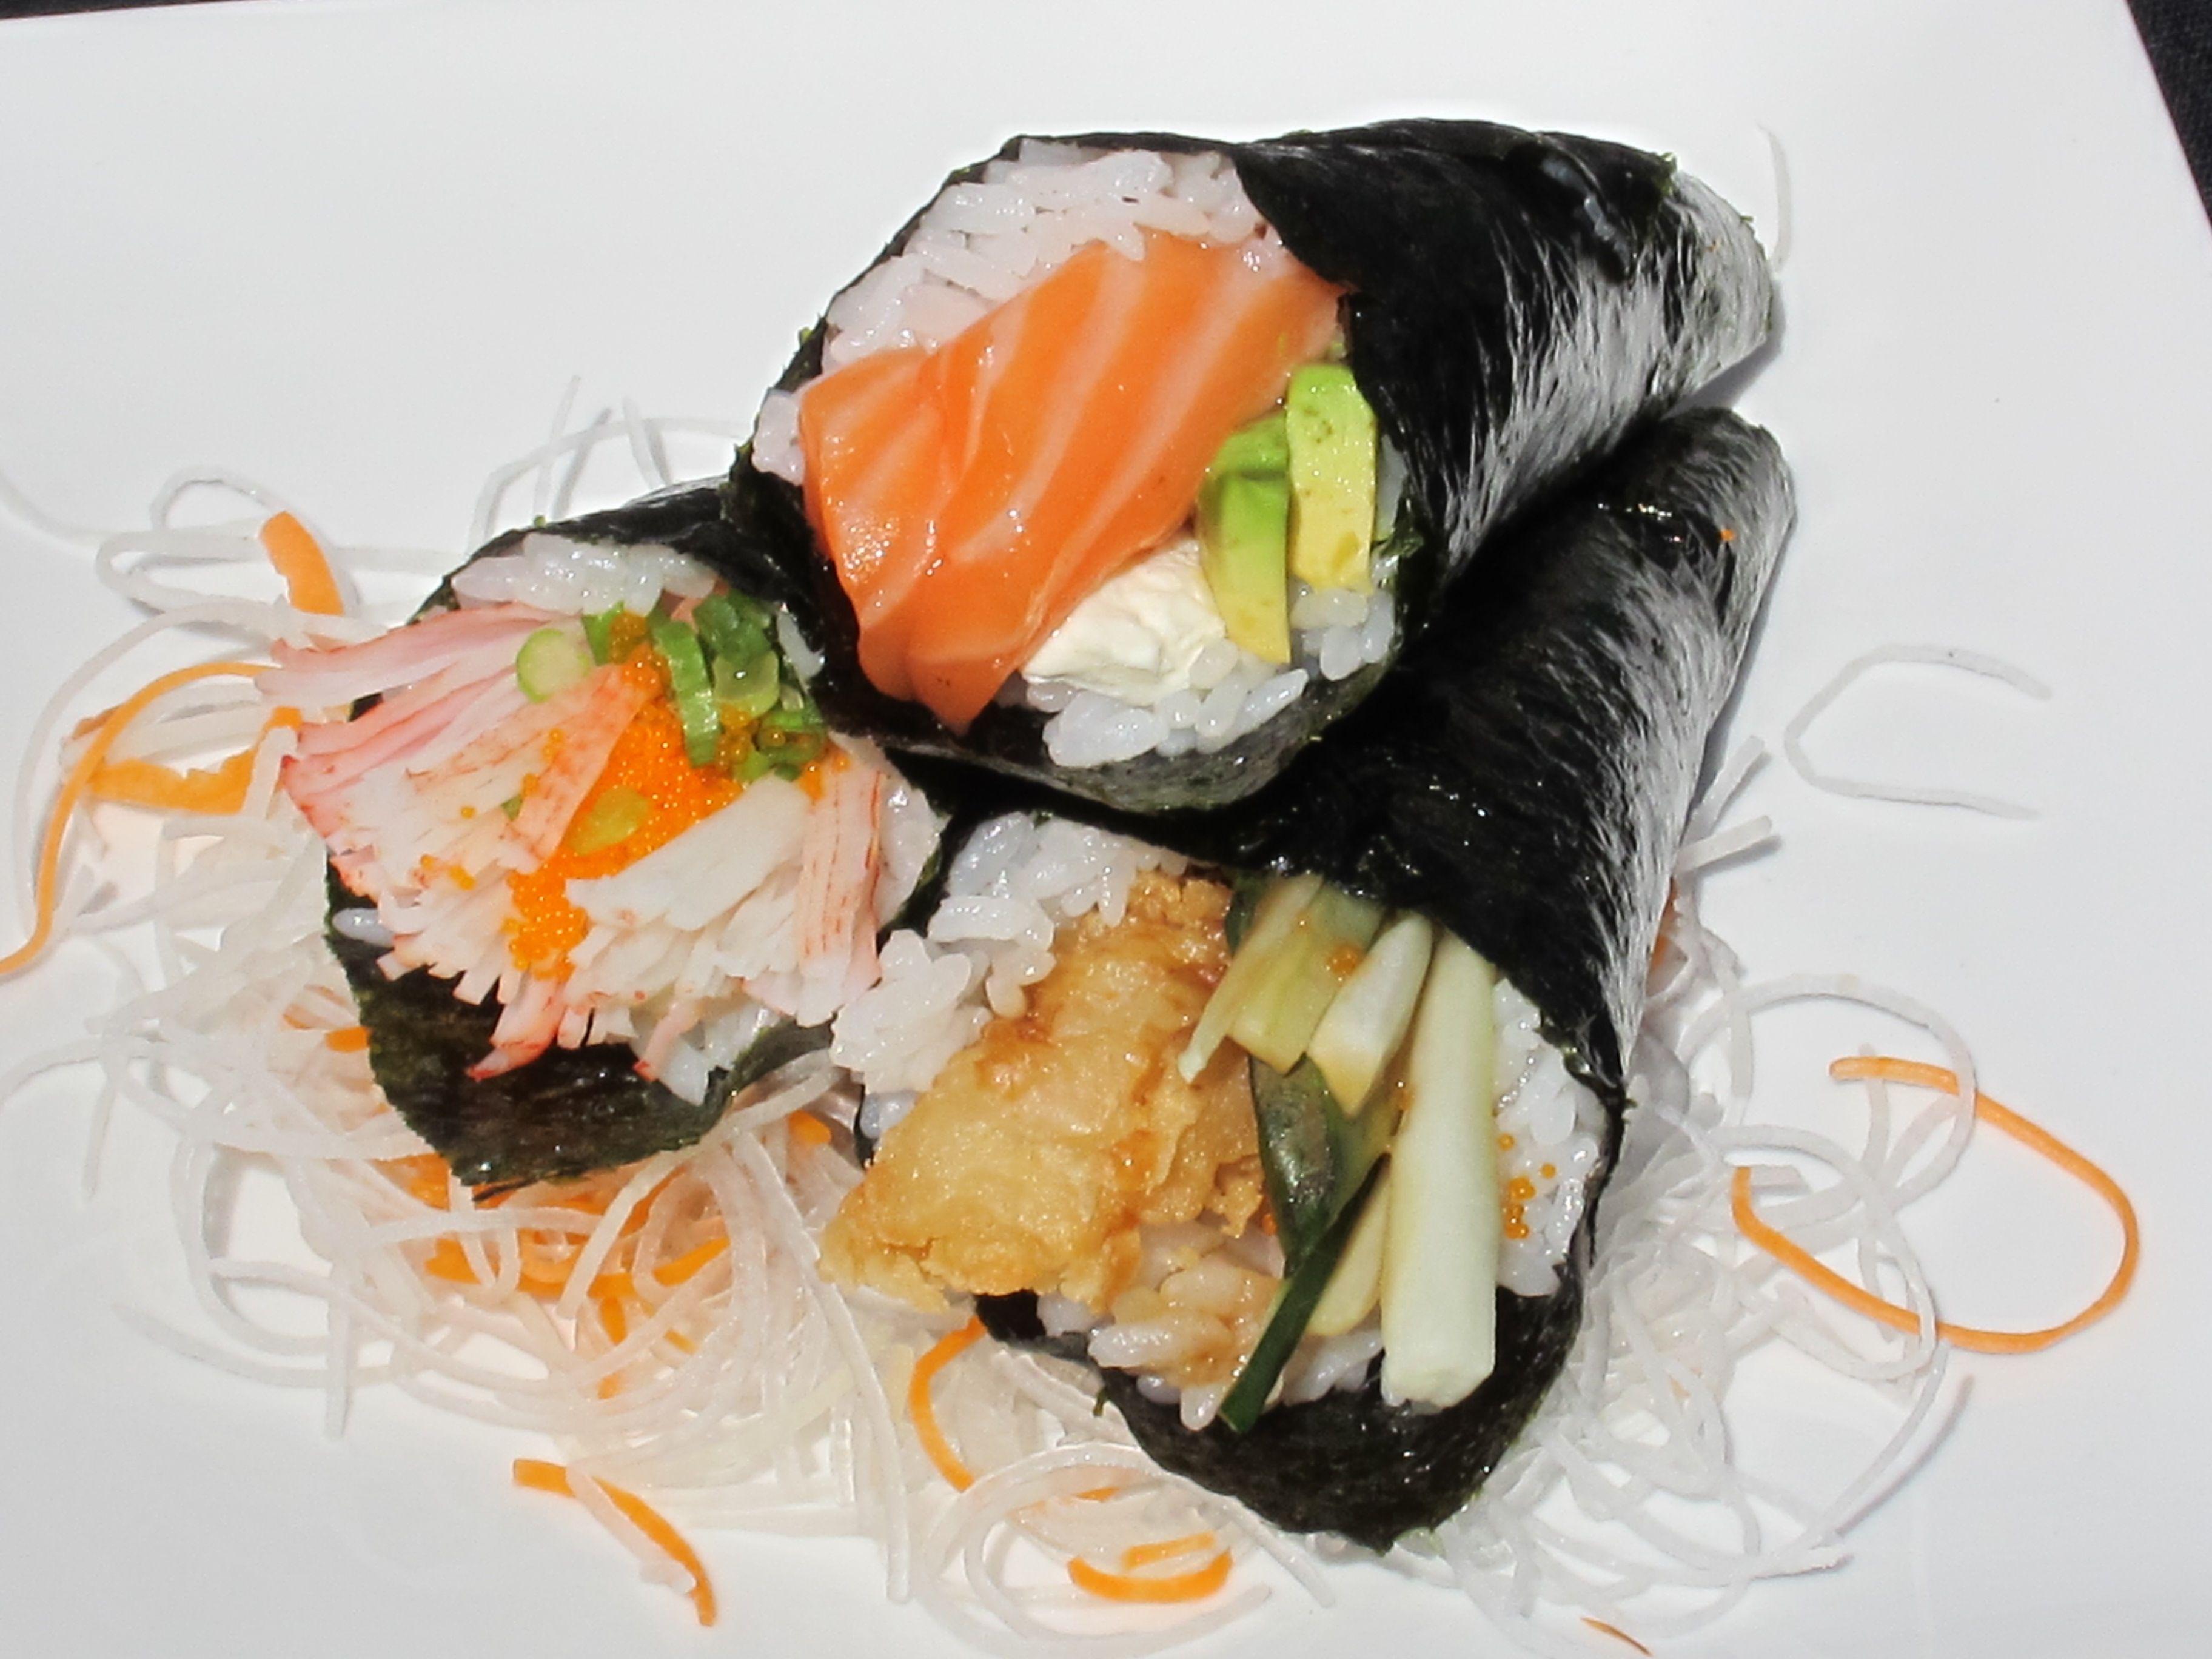 crab delight hanroll jb handroll and shrimp tempura handroll tampa rh pinterest com